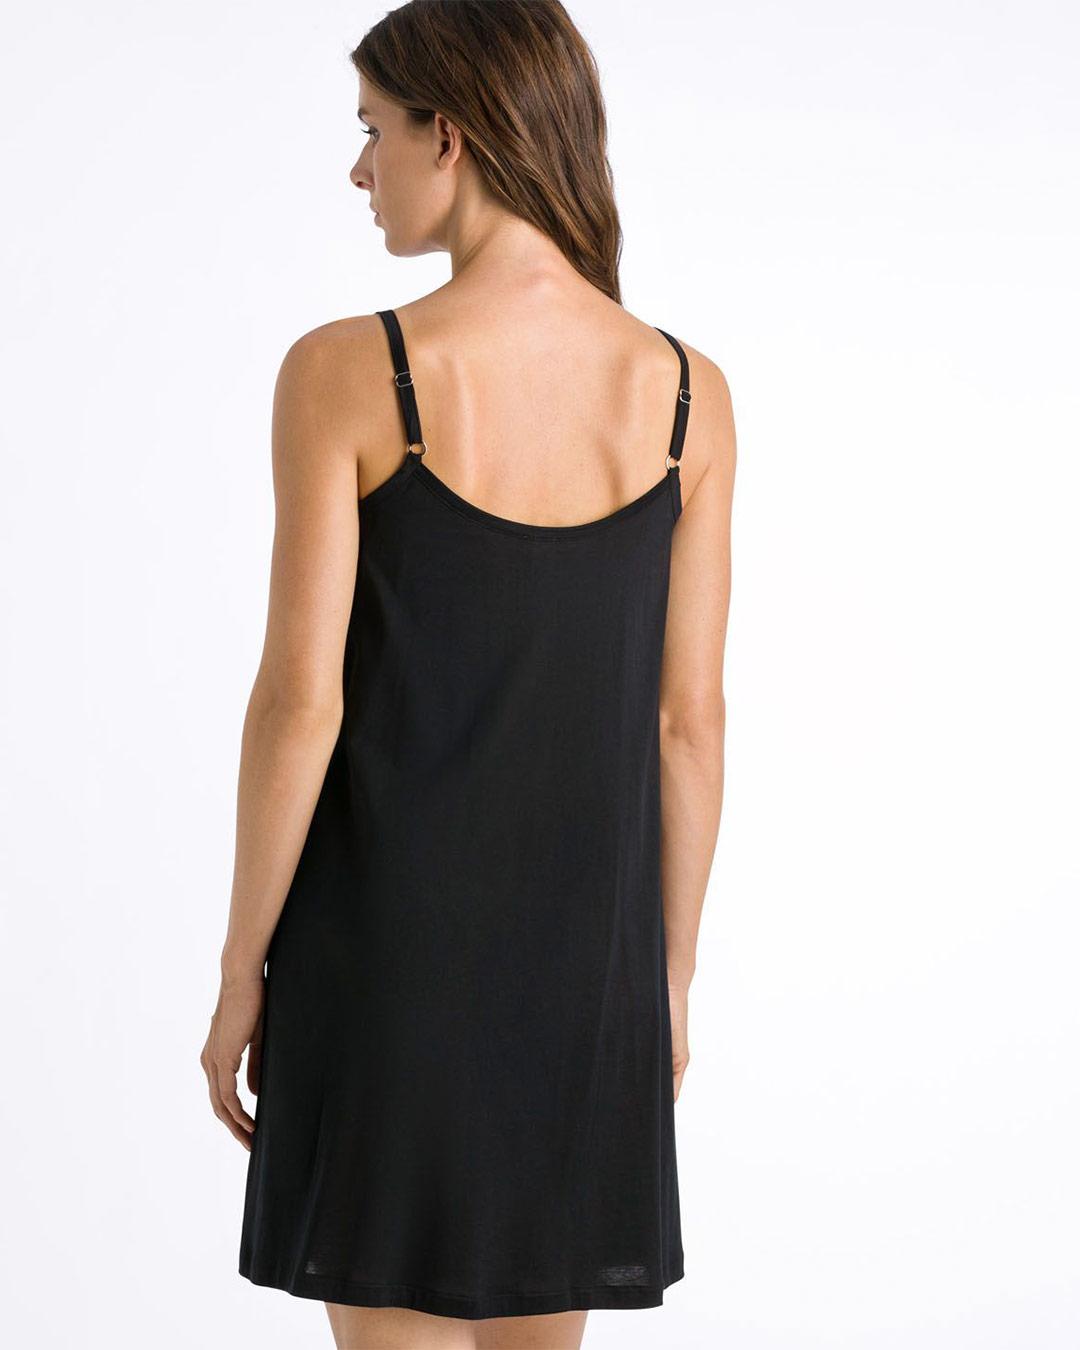 hanro-juliet-chemise-black-7747-back-dianes-lingerie-vancouver-1080x1080